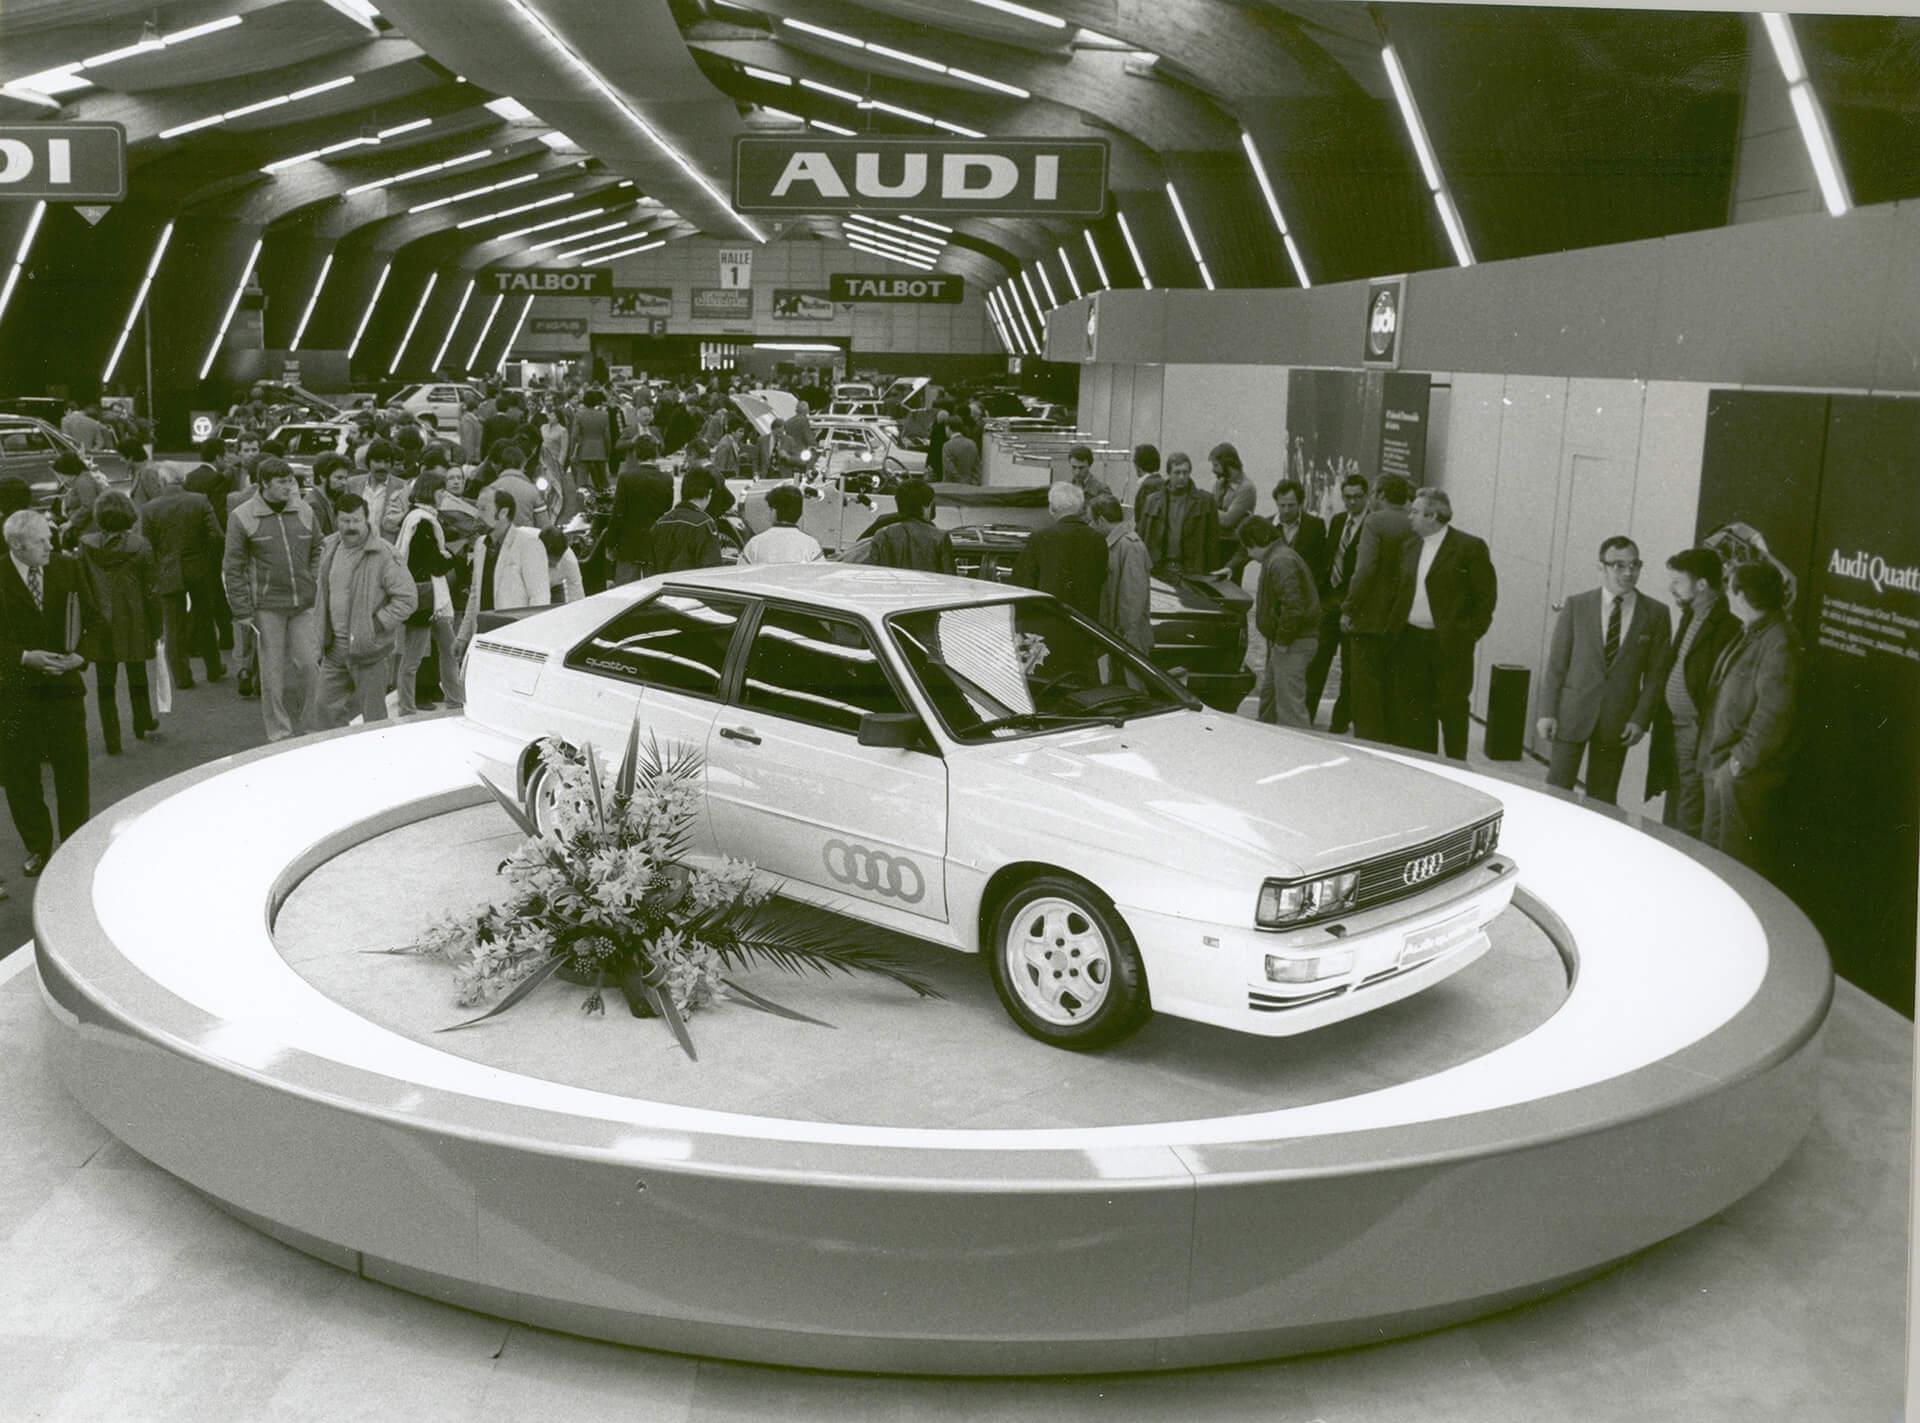 49.900 γερμανικά μάρκα (25.590 €) ήταν η βασική τιμή του αρχικού Audi quattro